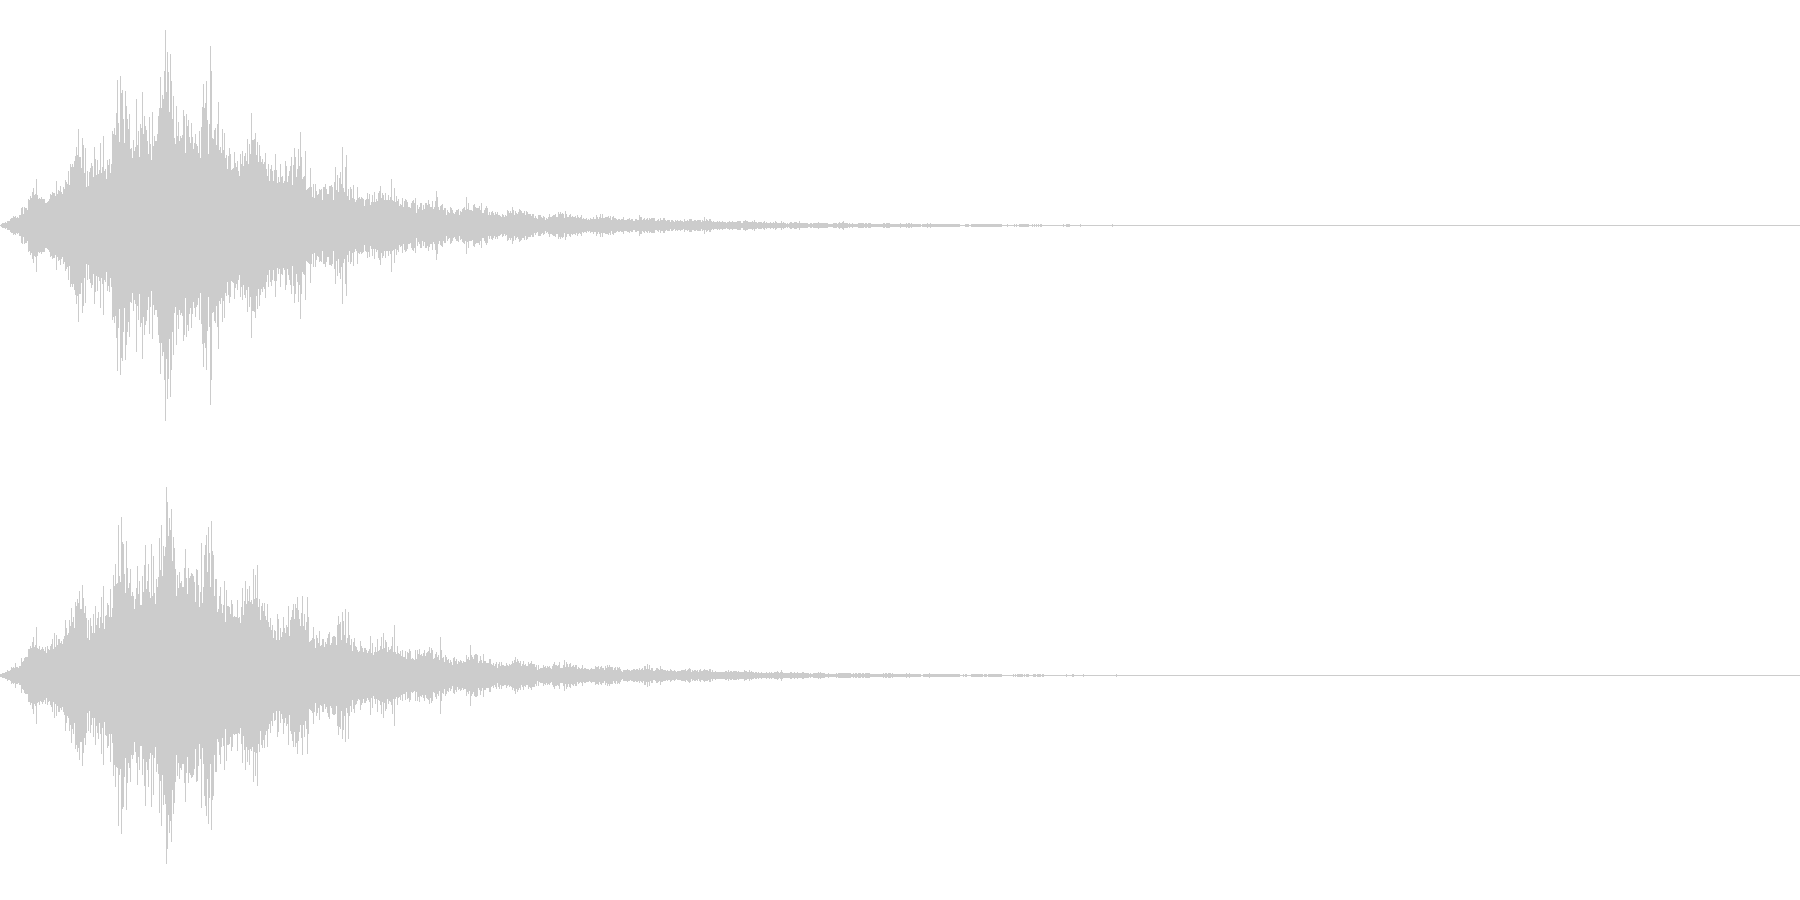 ワープ、SF、速いの未再生の波形